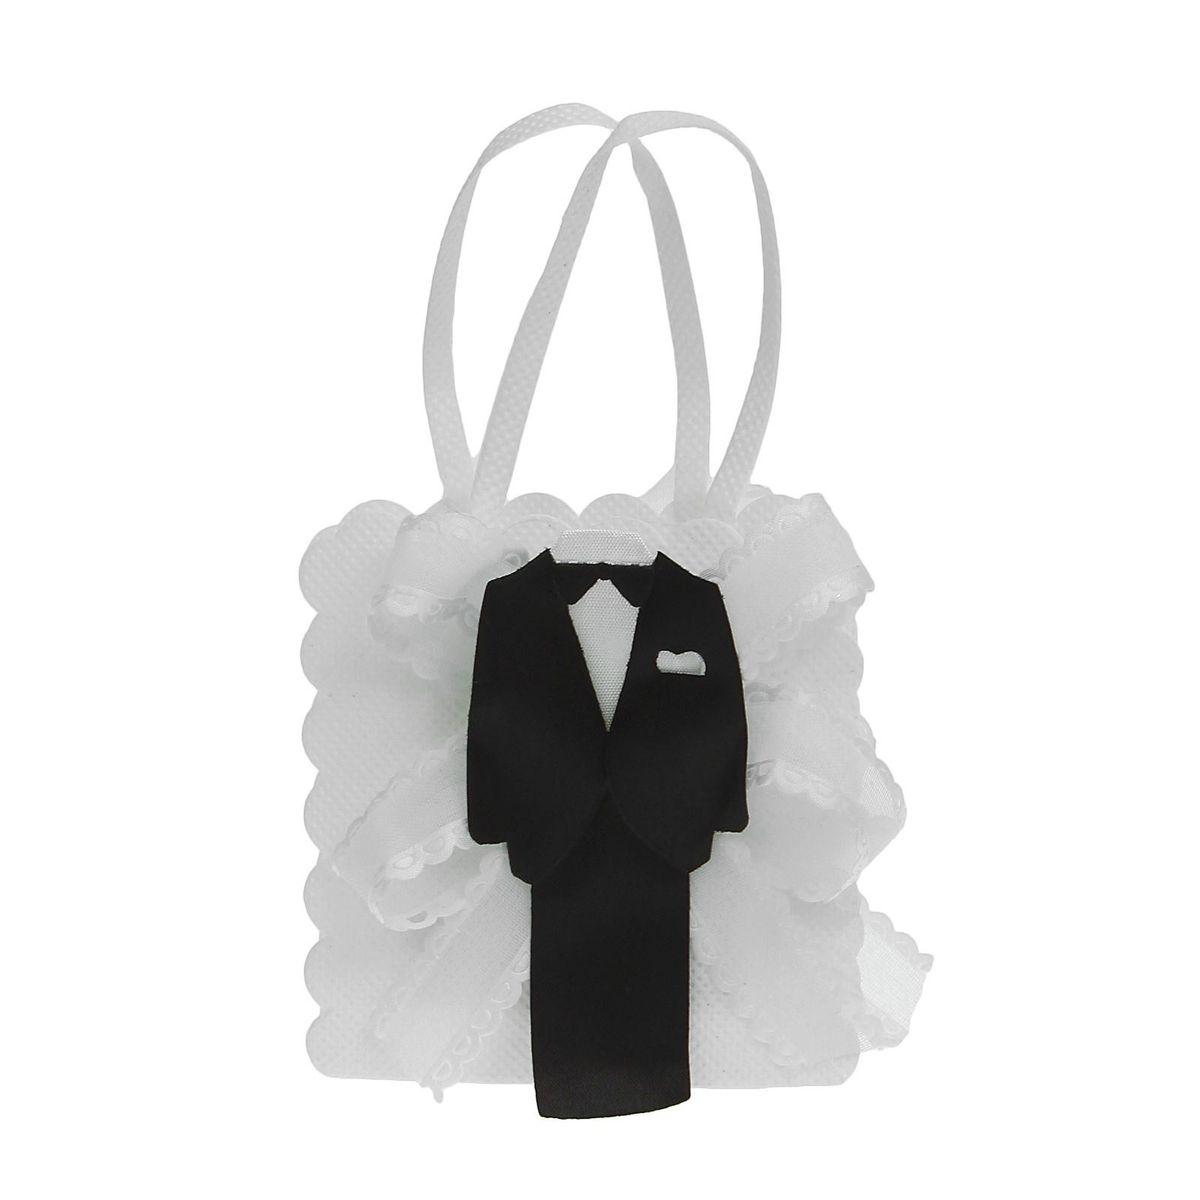 Бонбоньерка Sima-land Жених и невеста, цвет: белый, 3 x 7,5 x 8,5 смIRK-503Свадебные аксессуары - это финальный аккорд в оформлении праздника. Бонбоньерка Жених и невеста - атрибут, который поможет в создании стиля помещения, общей цветовой гаммы и усилит впечатления от главного дня в жизни любой пары. Изящный аксессуар придаст вашему торжеству зрелищности и яркости, создав нужное настроение. В яркую сумочку вы сможете упаковать сладкое угощение для своих гостей, например конфетки. Этот сувенир станет приятным сюрпризом для дорогих сердцу людей, символом вашей благодарности и заботы о них.